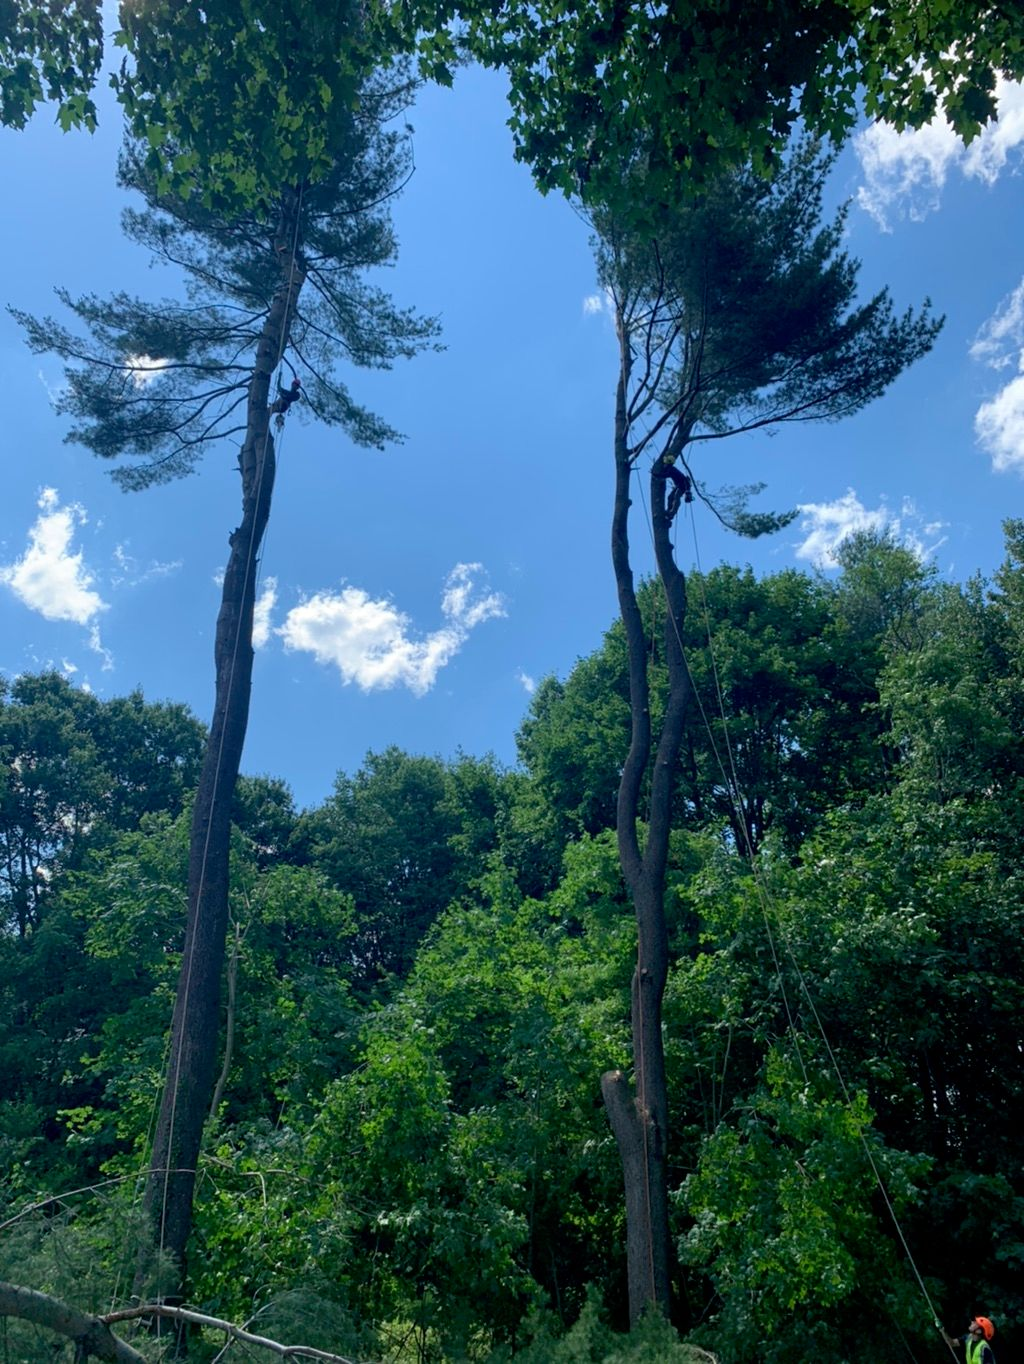 GBE Guifarro tree services